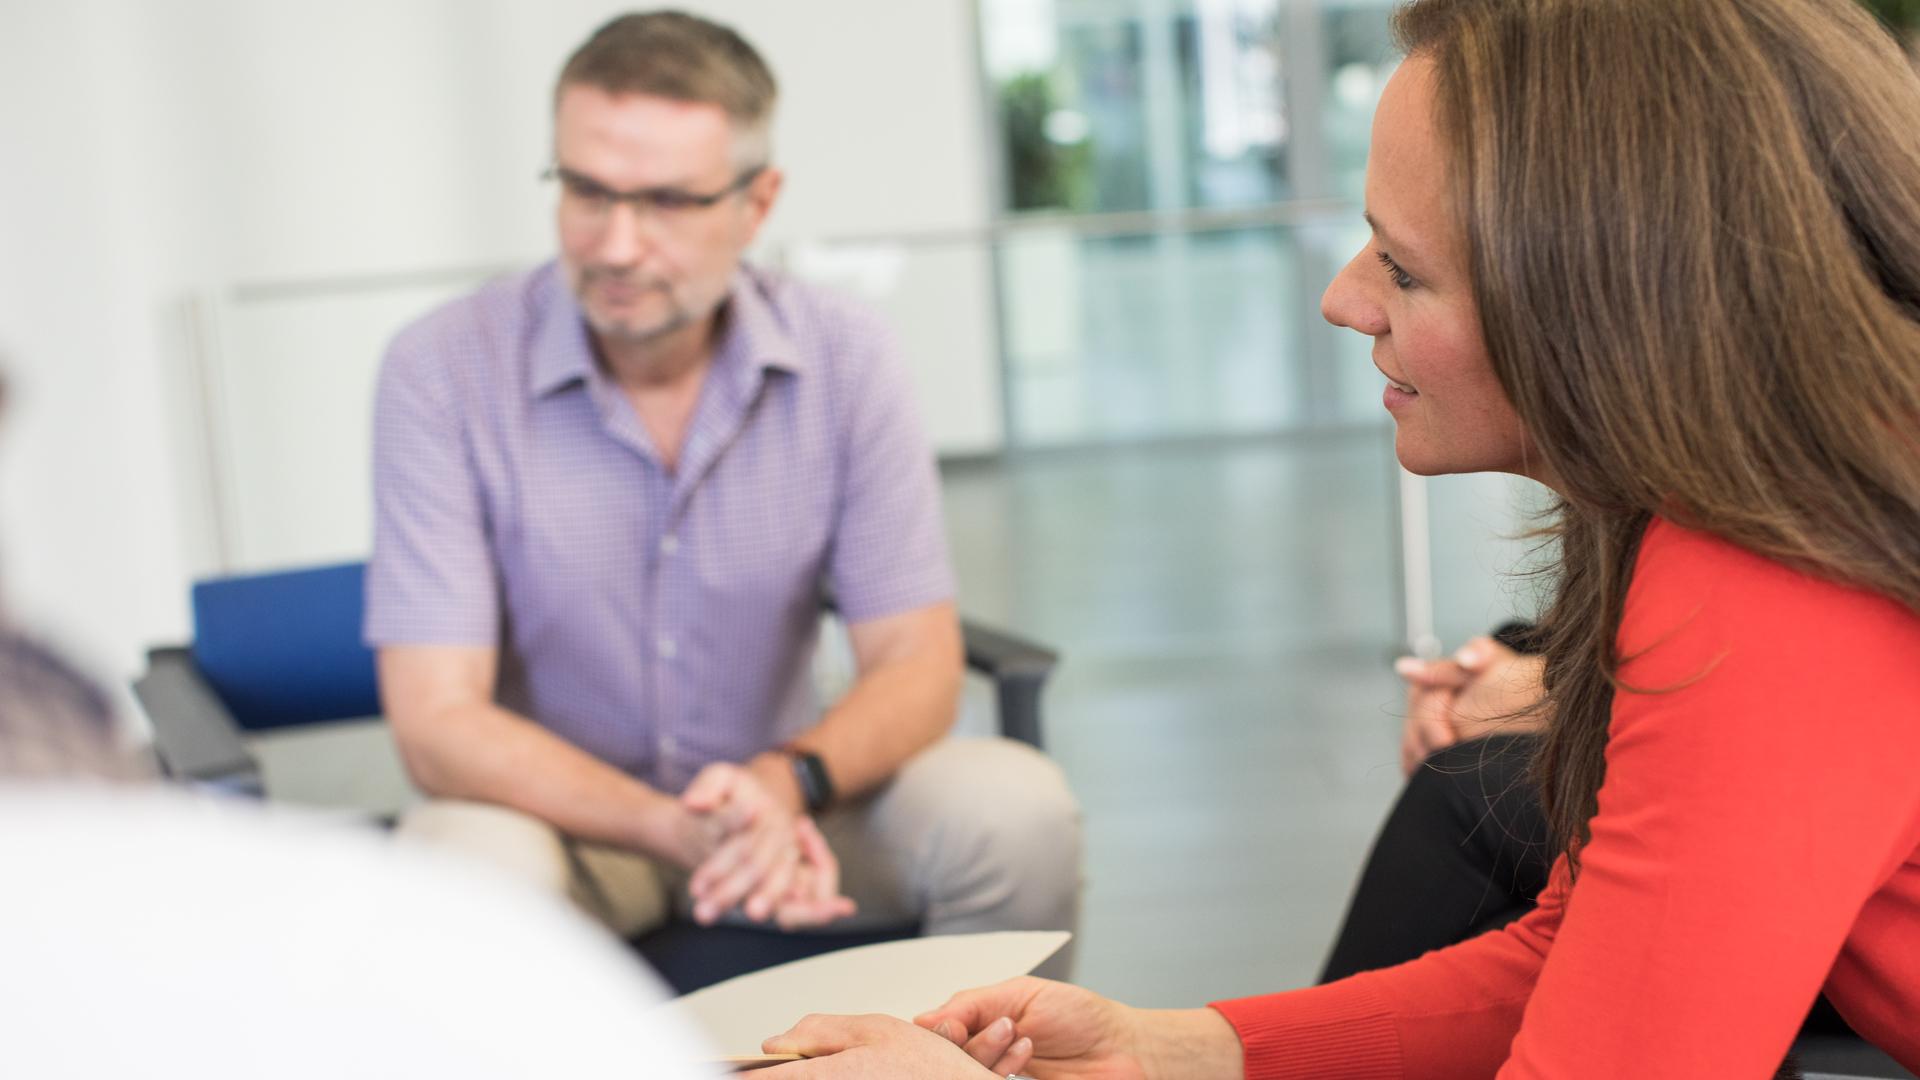 Eine Gesprächssituation: mehrere Mitarbeiter und Mitarbeiterinnen sitzen zusammen und unterhalten sich angeregt.